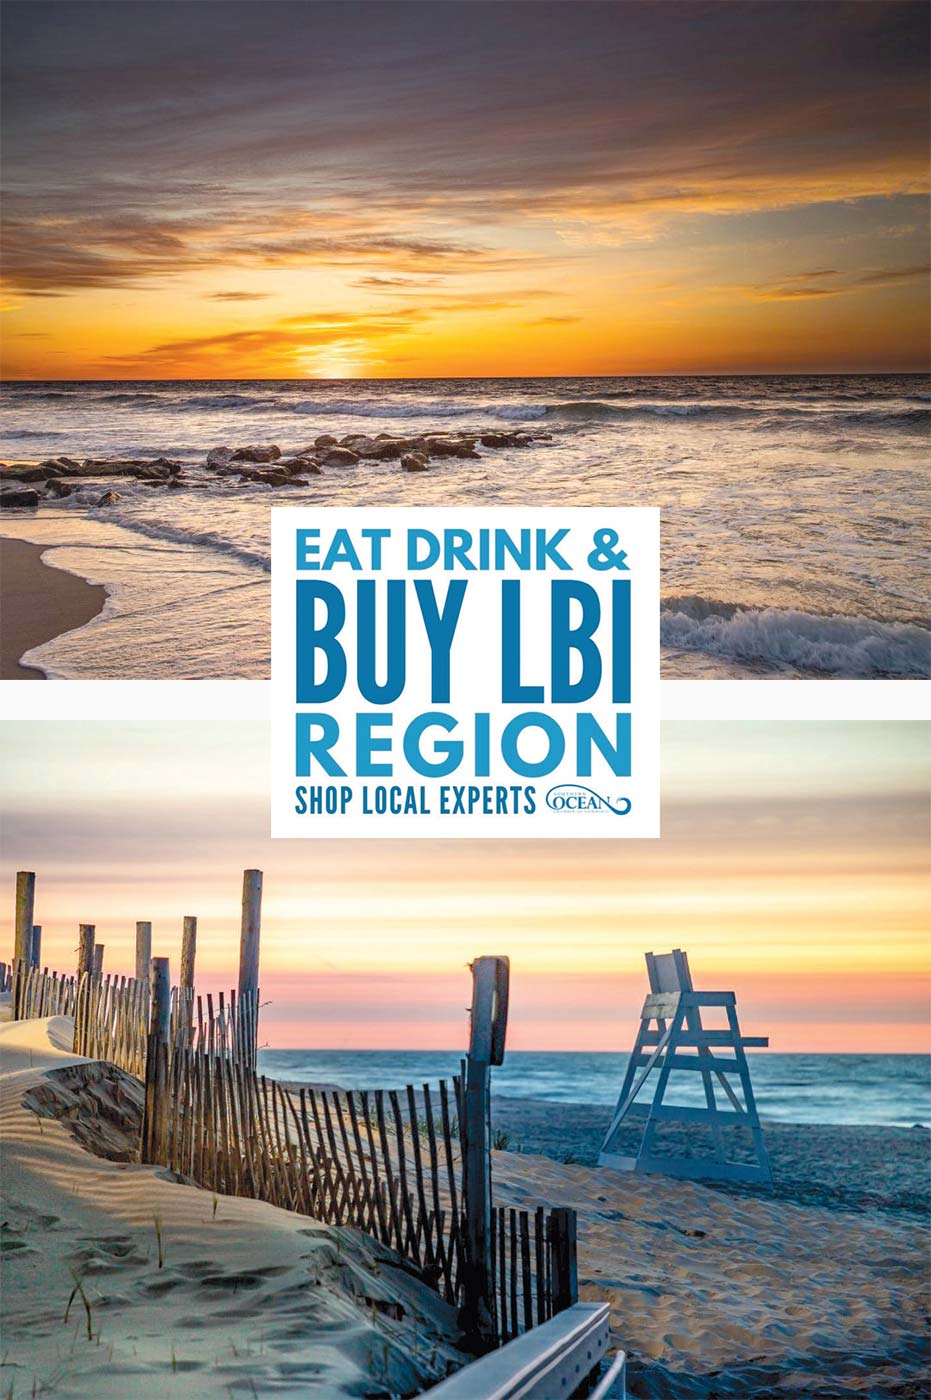 Long Beach Island Region